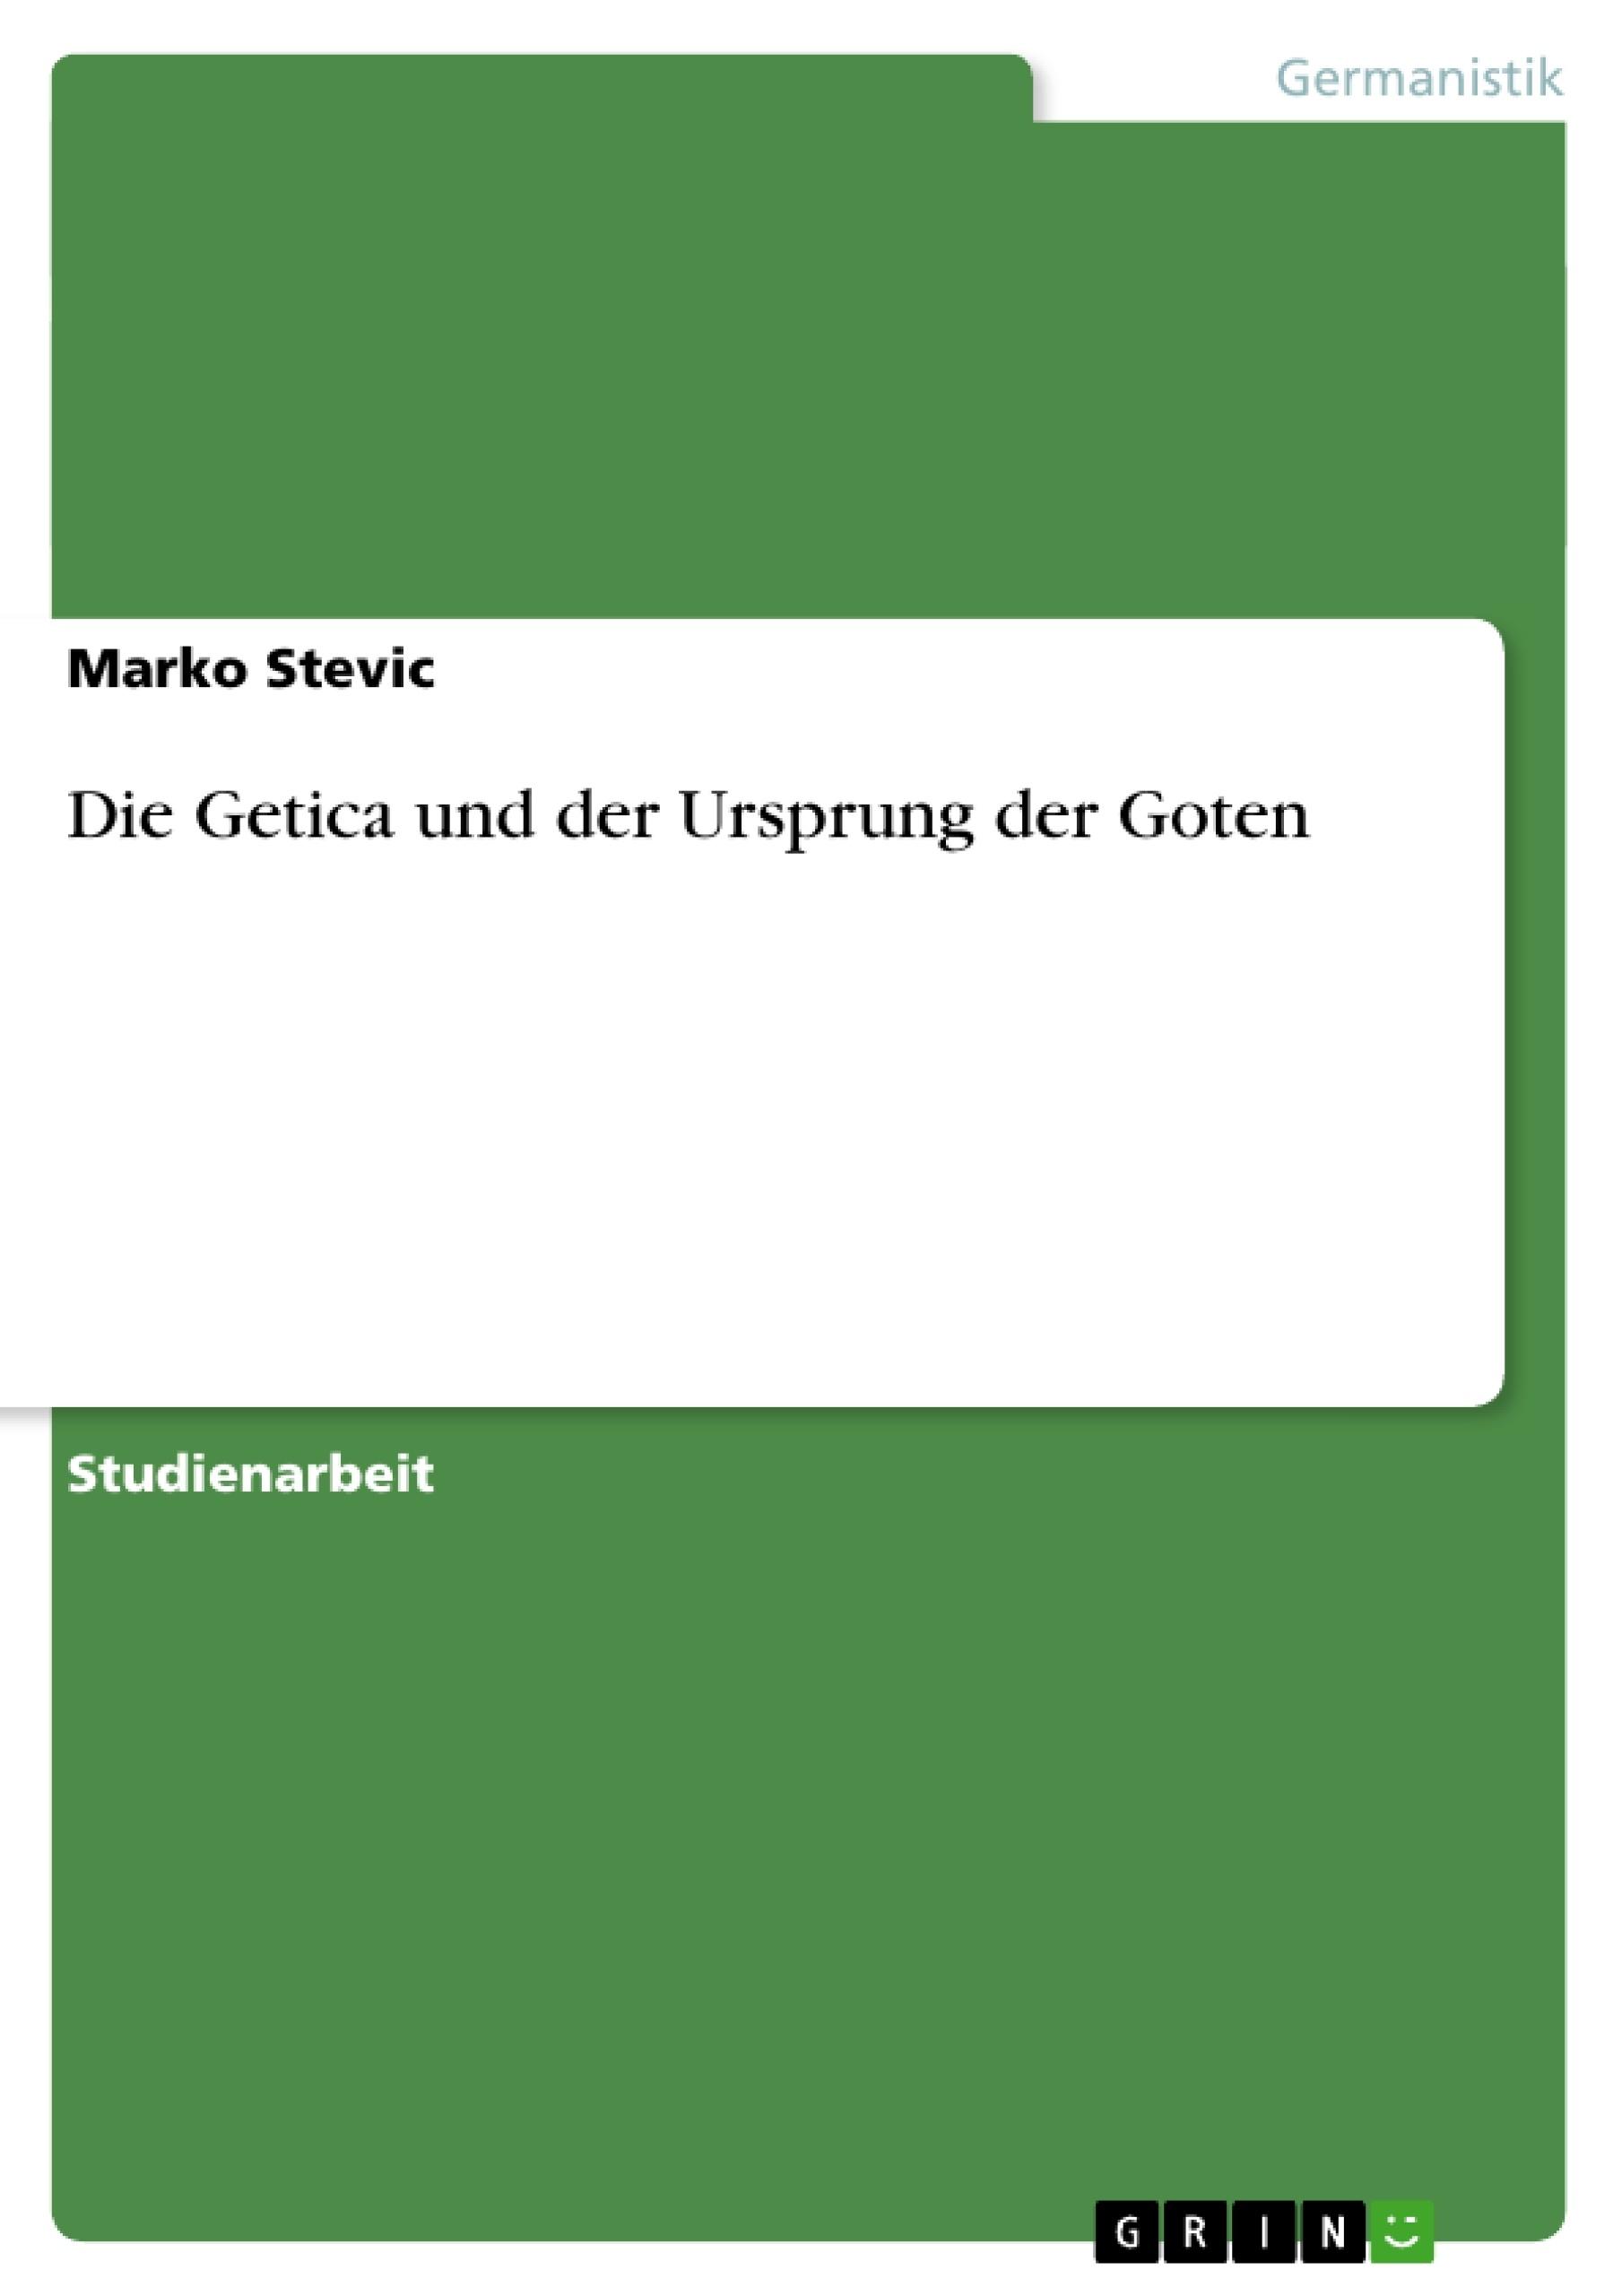 Titel: Die Getica und der Ursprung der Goten